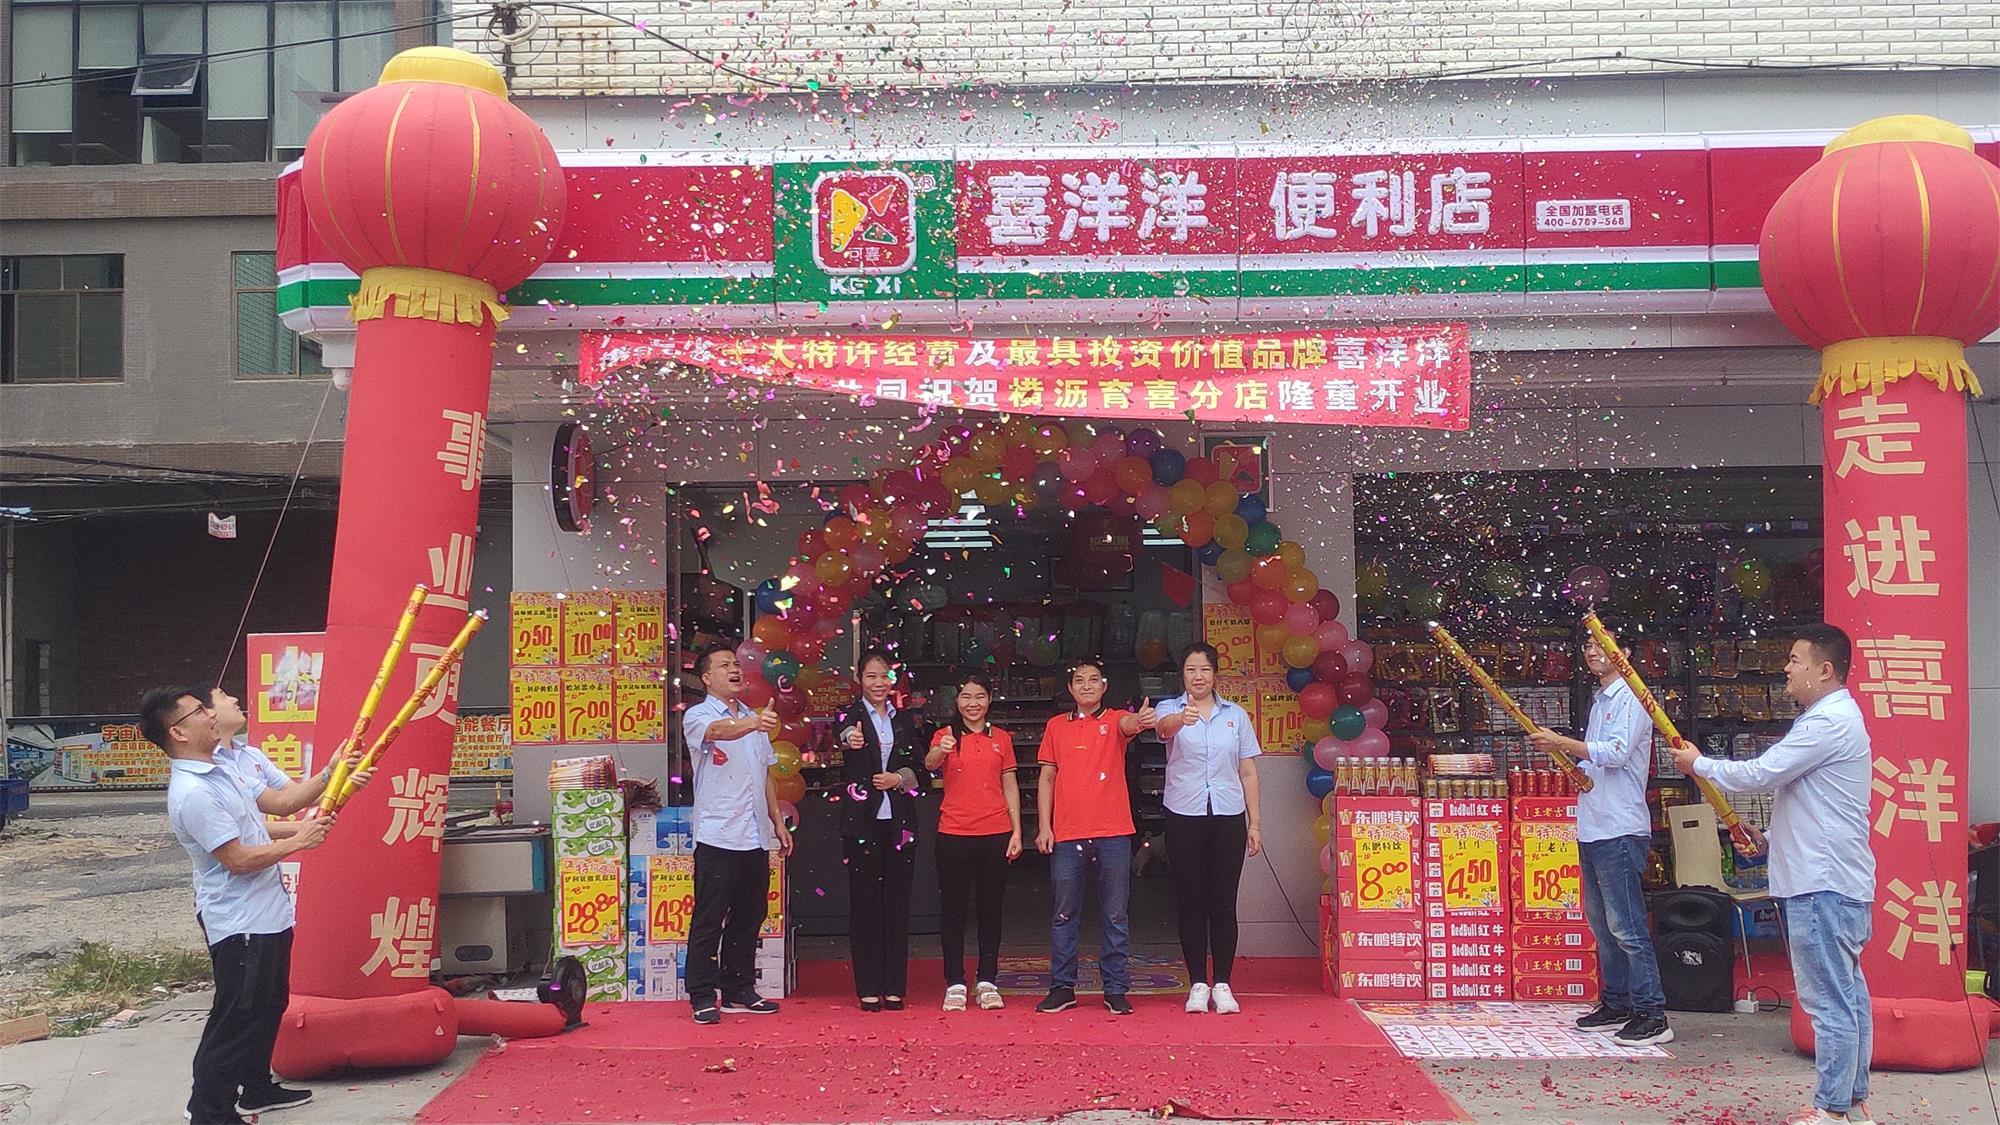 热烈祝贺喜洋洋10月8日又迎来新店开业:横沥育喜分店